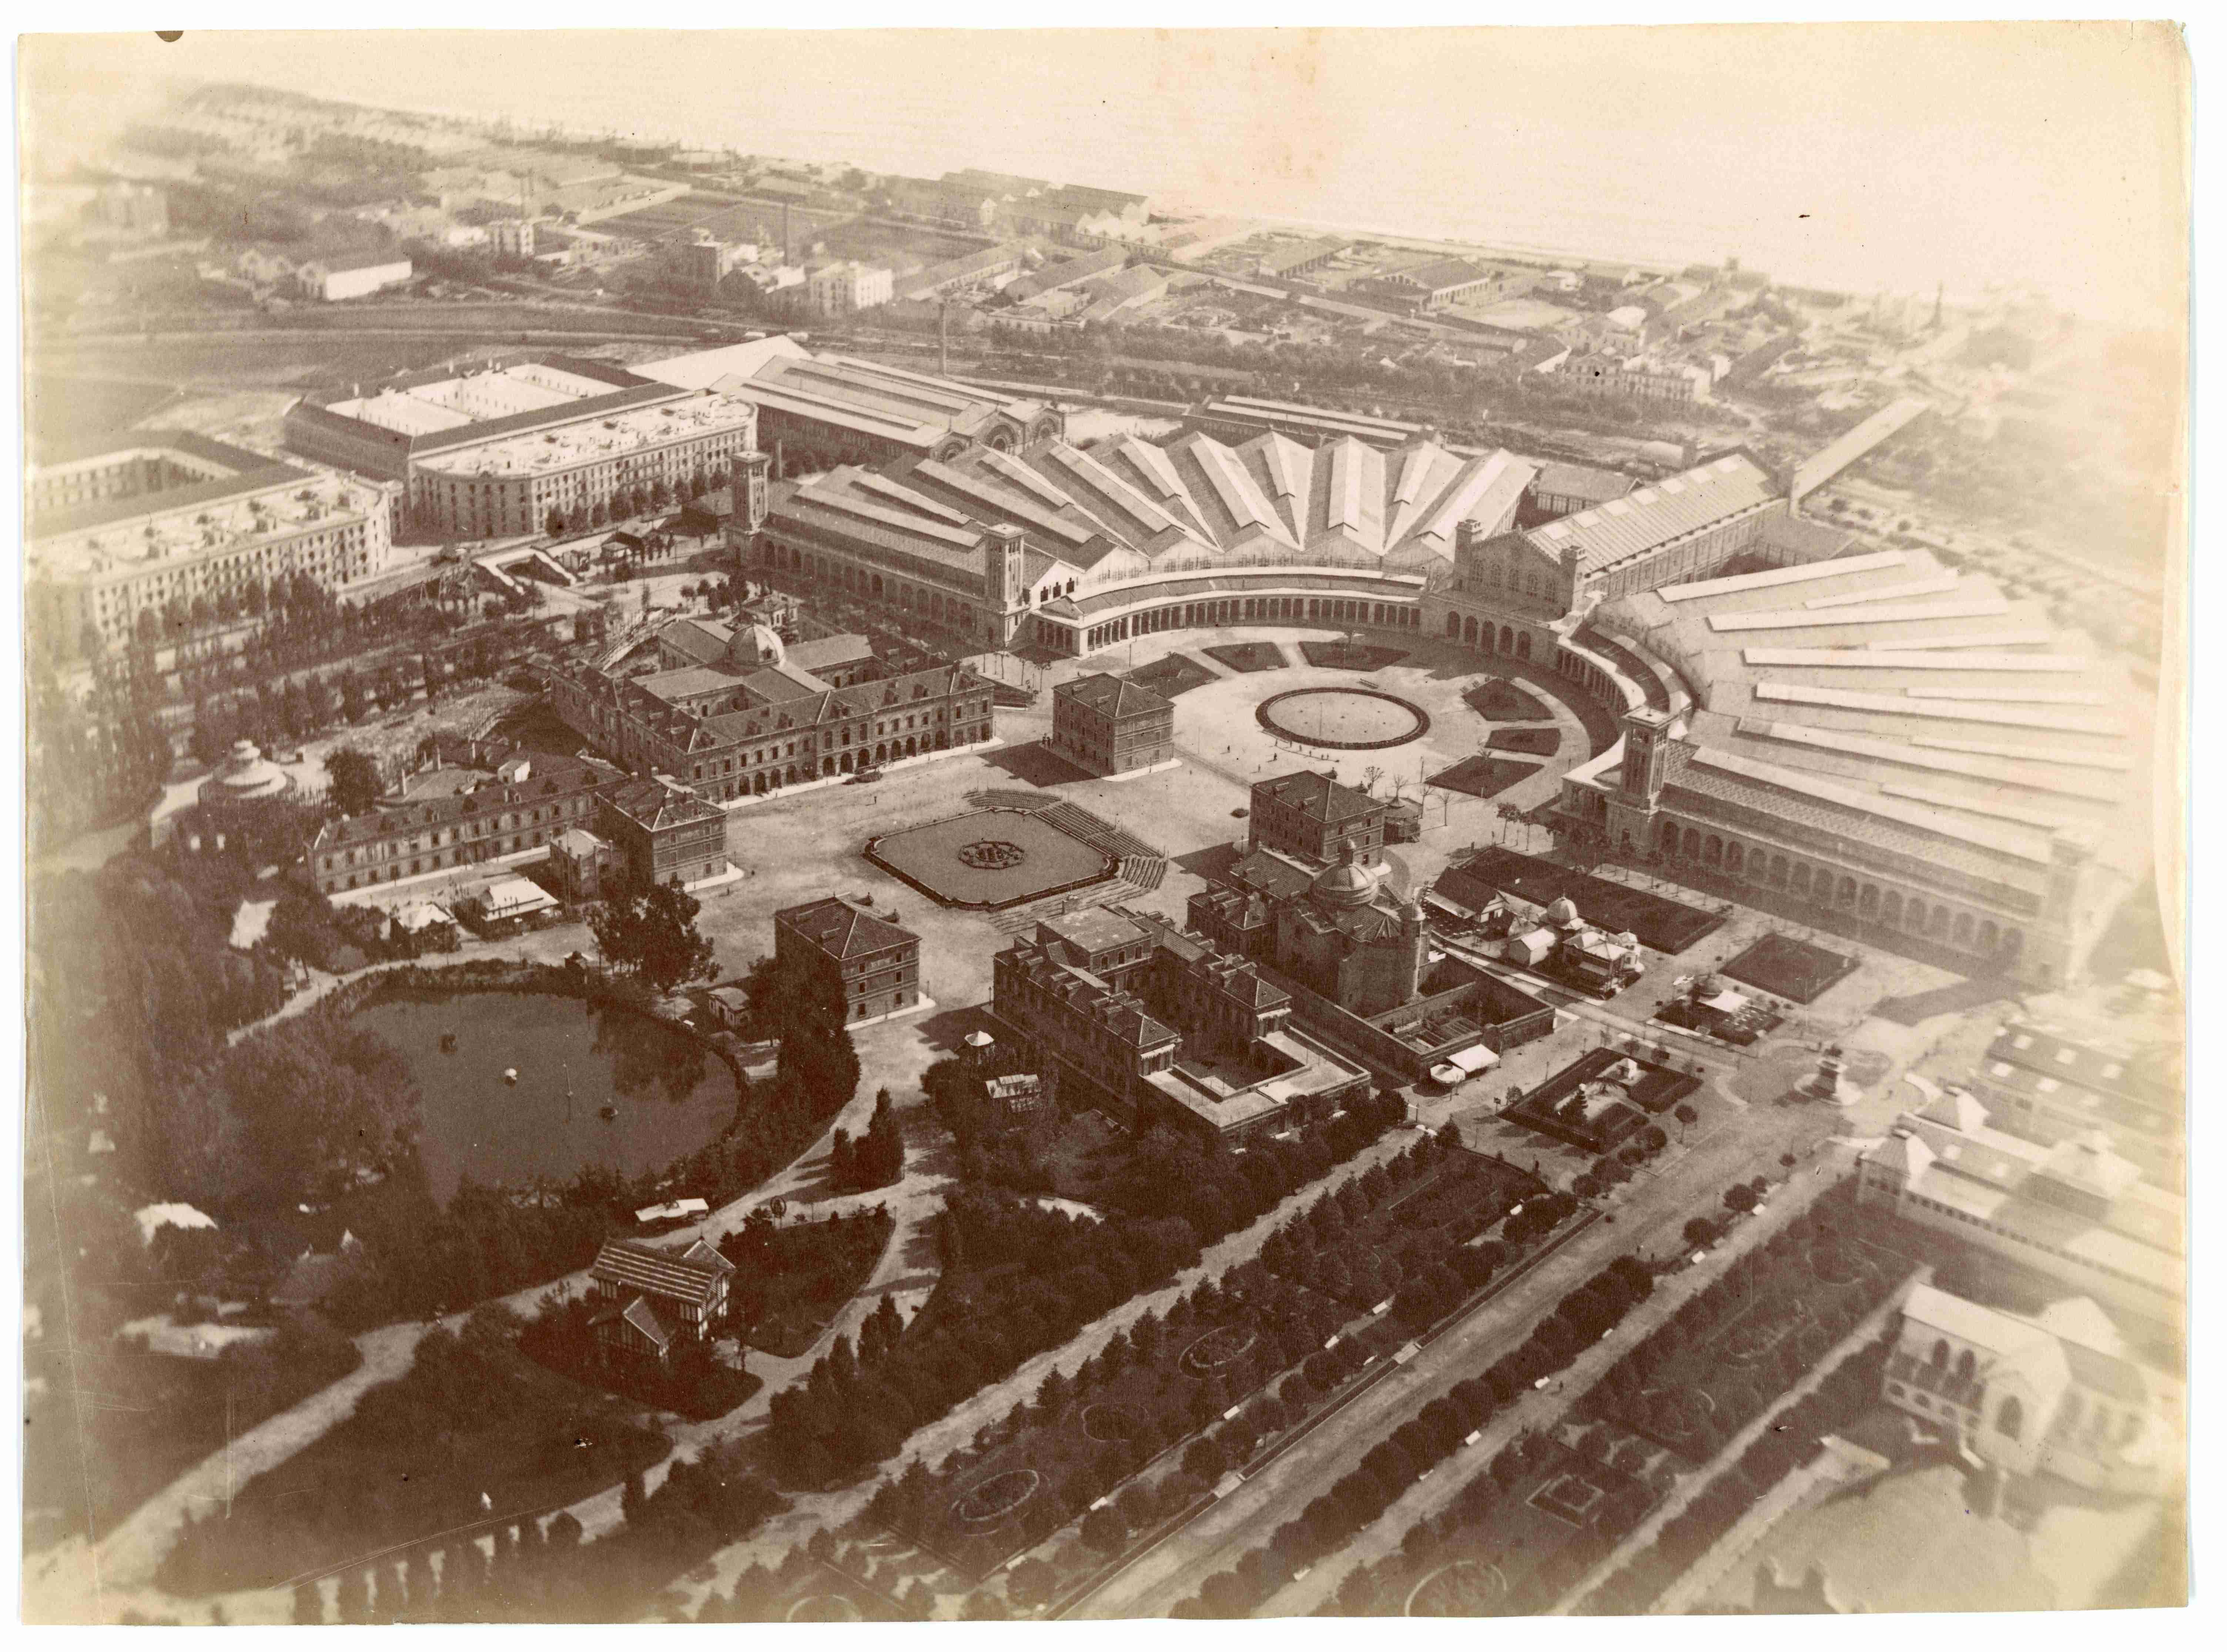 Vista aérea de la Exposición Universal de Barcelona de 1888 desde el globo El Cautivo